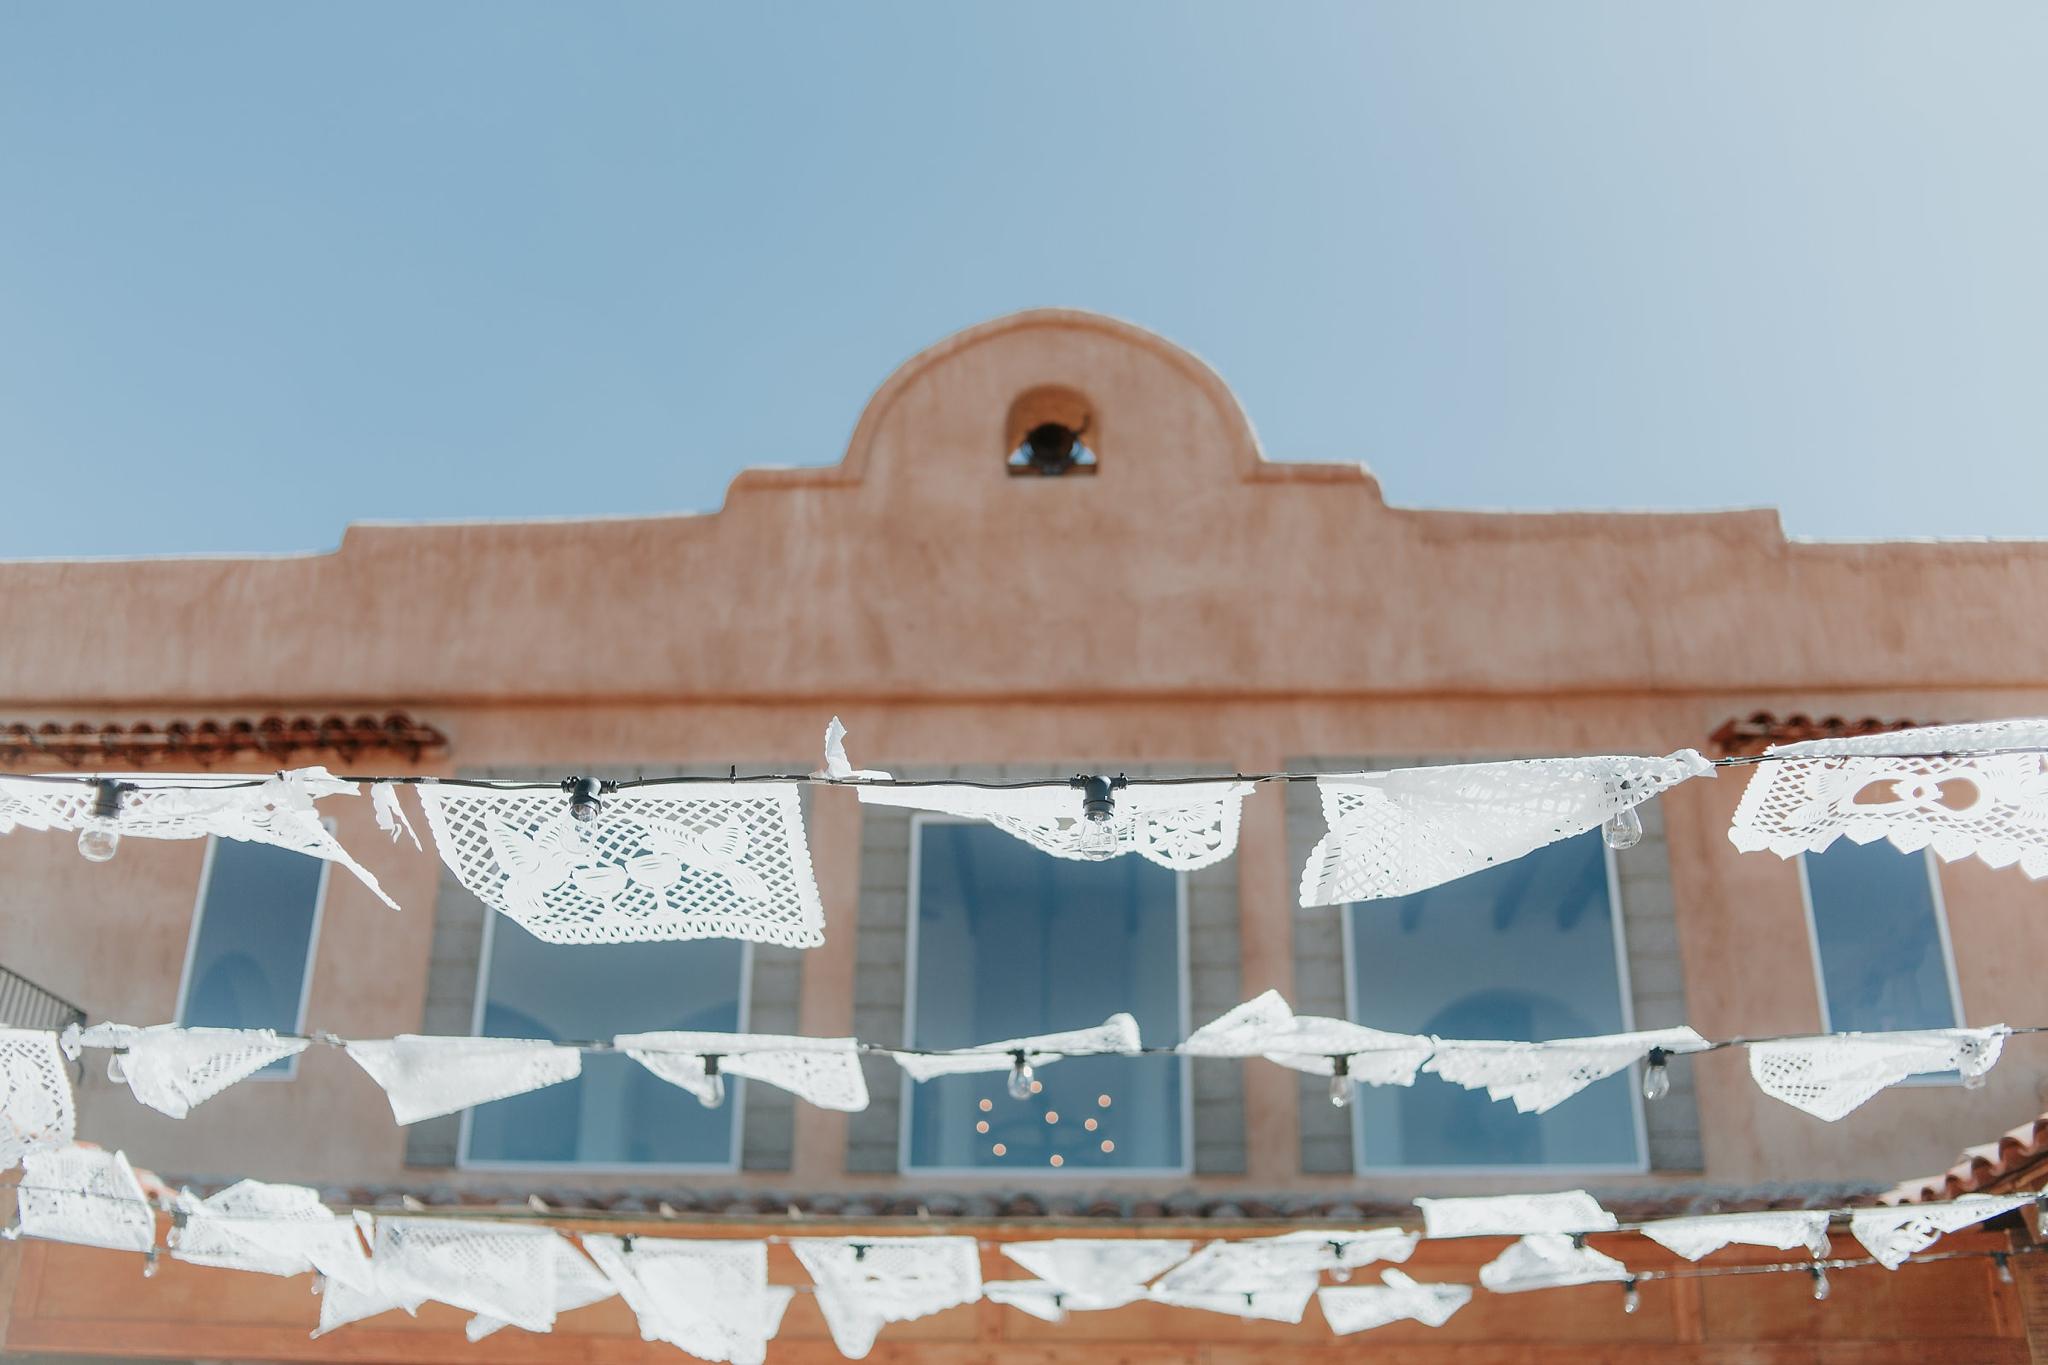 Alicia+lucia+photography+-+albuquerque+wedding+photographer+-+santa+fe+wedding+photography+-+new+mexico+wedding+photographer+-+new+mexico+wedding+-+wedding+venues+-+new+mexico+wedding+venues+-+colorado+wedding+venues_0128.jpg